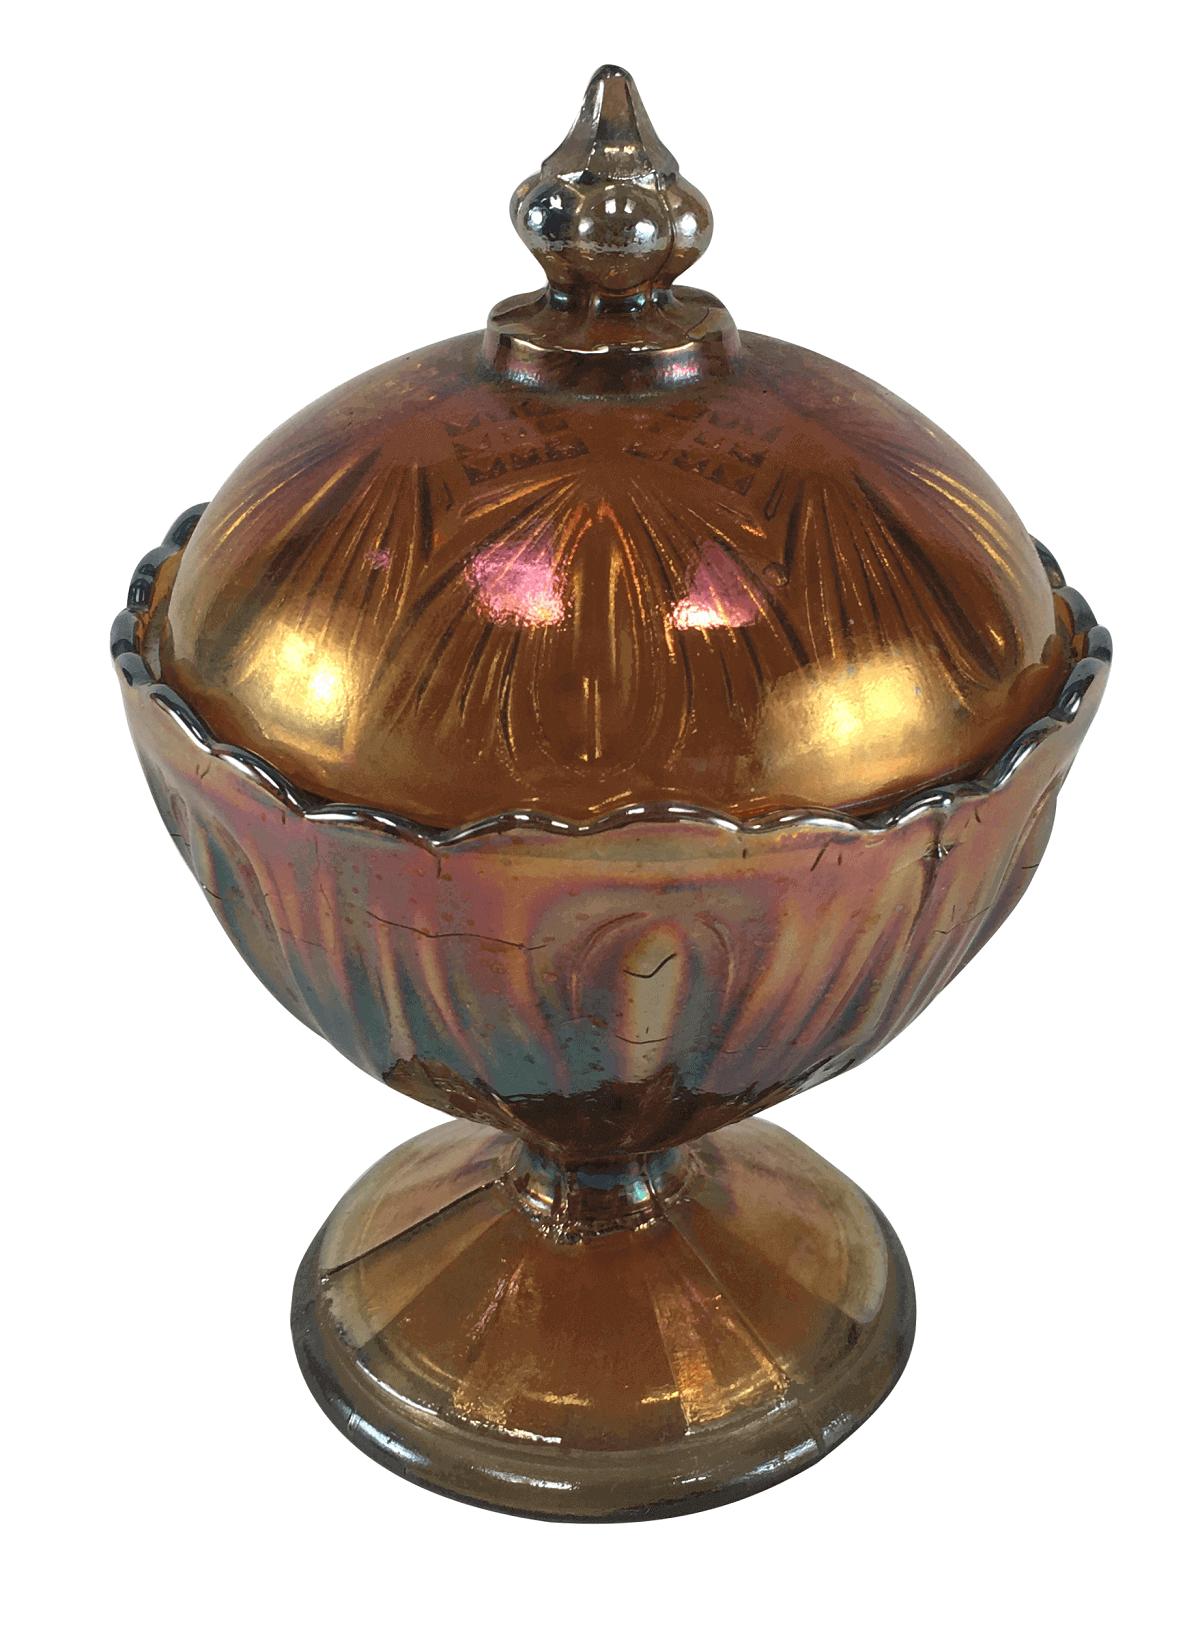 Compoteira Antiga Carnival Glass Fogo Lagrima